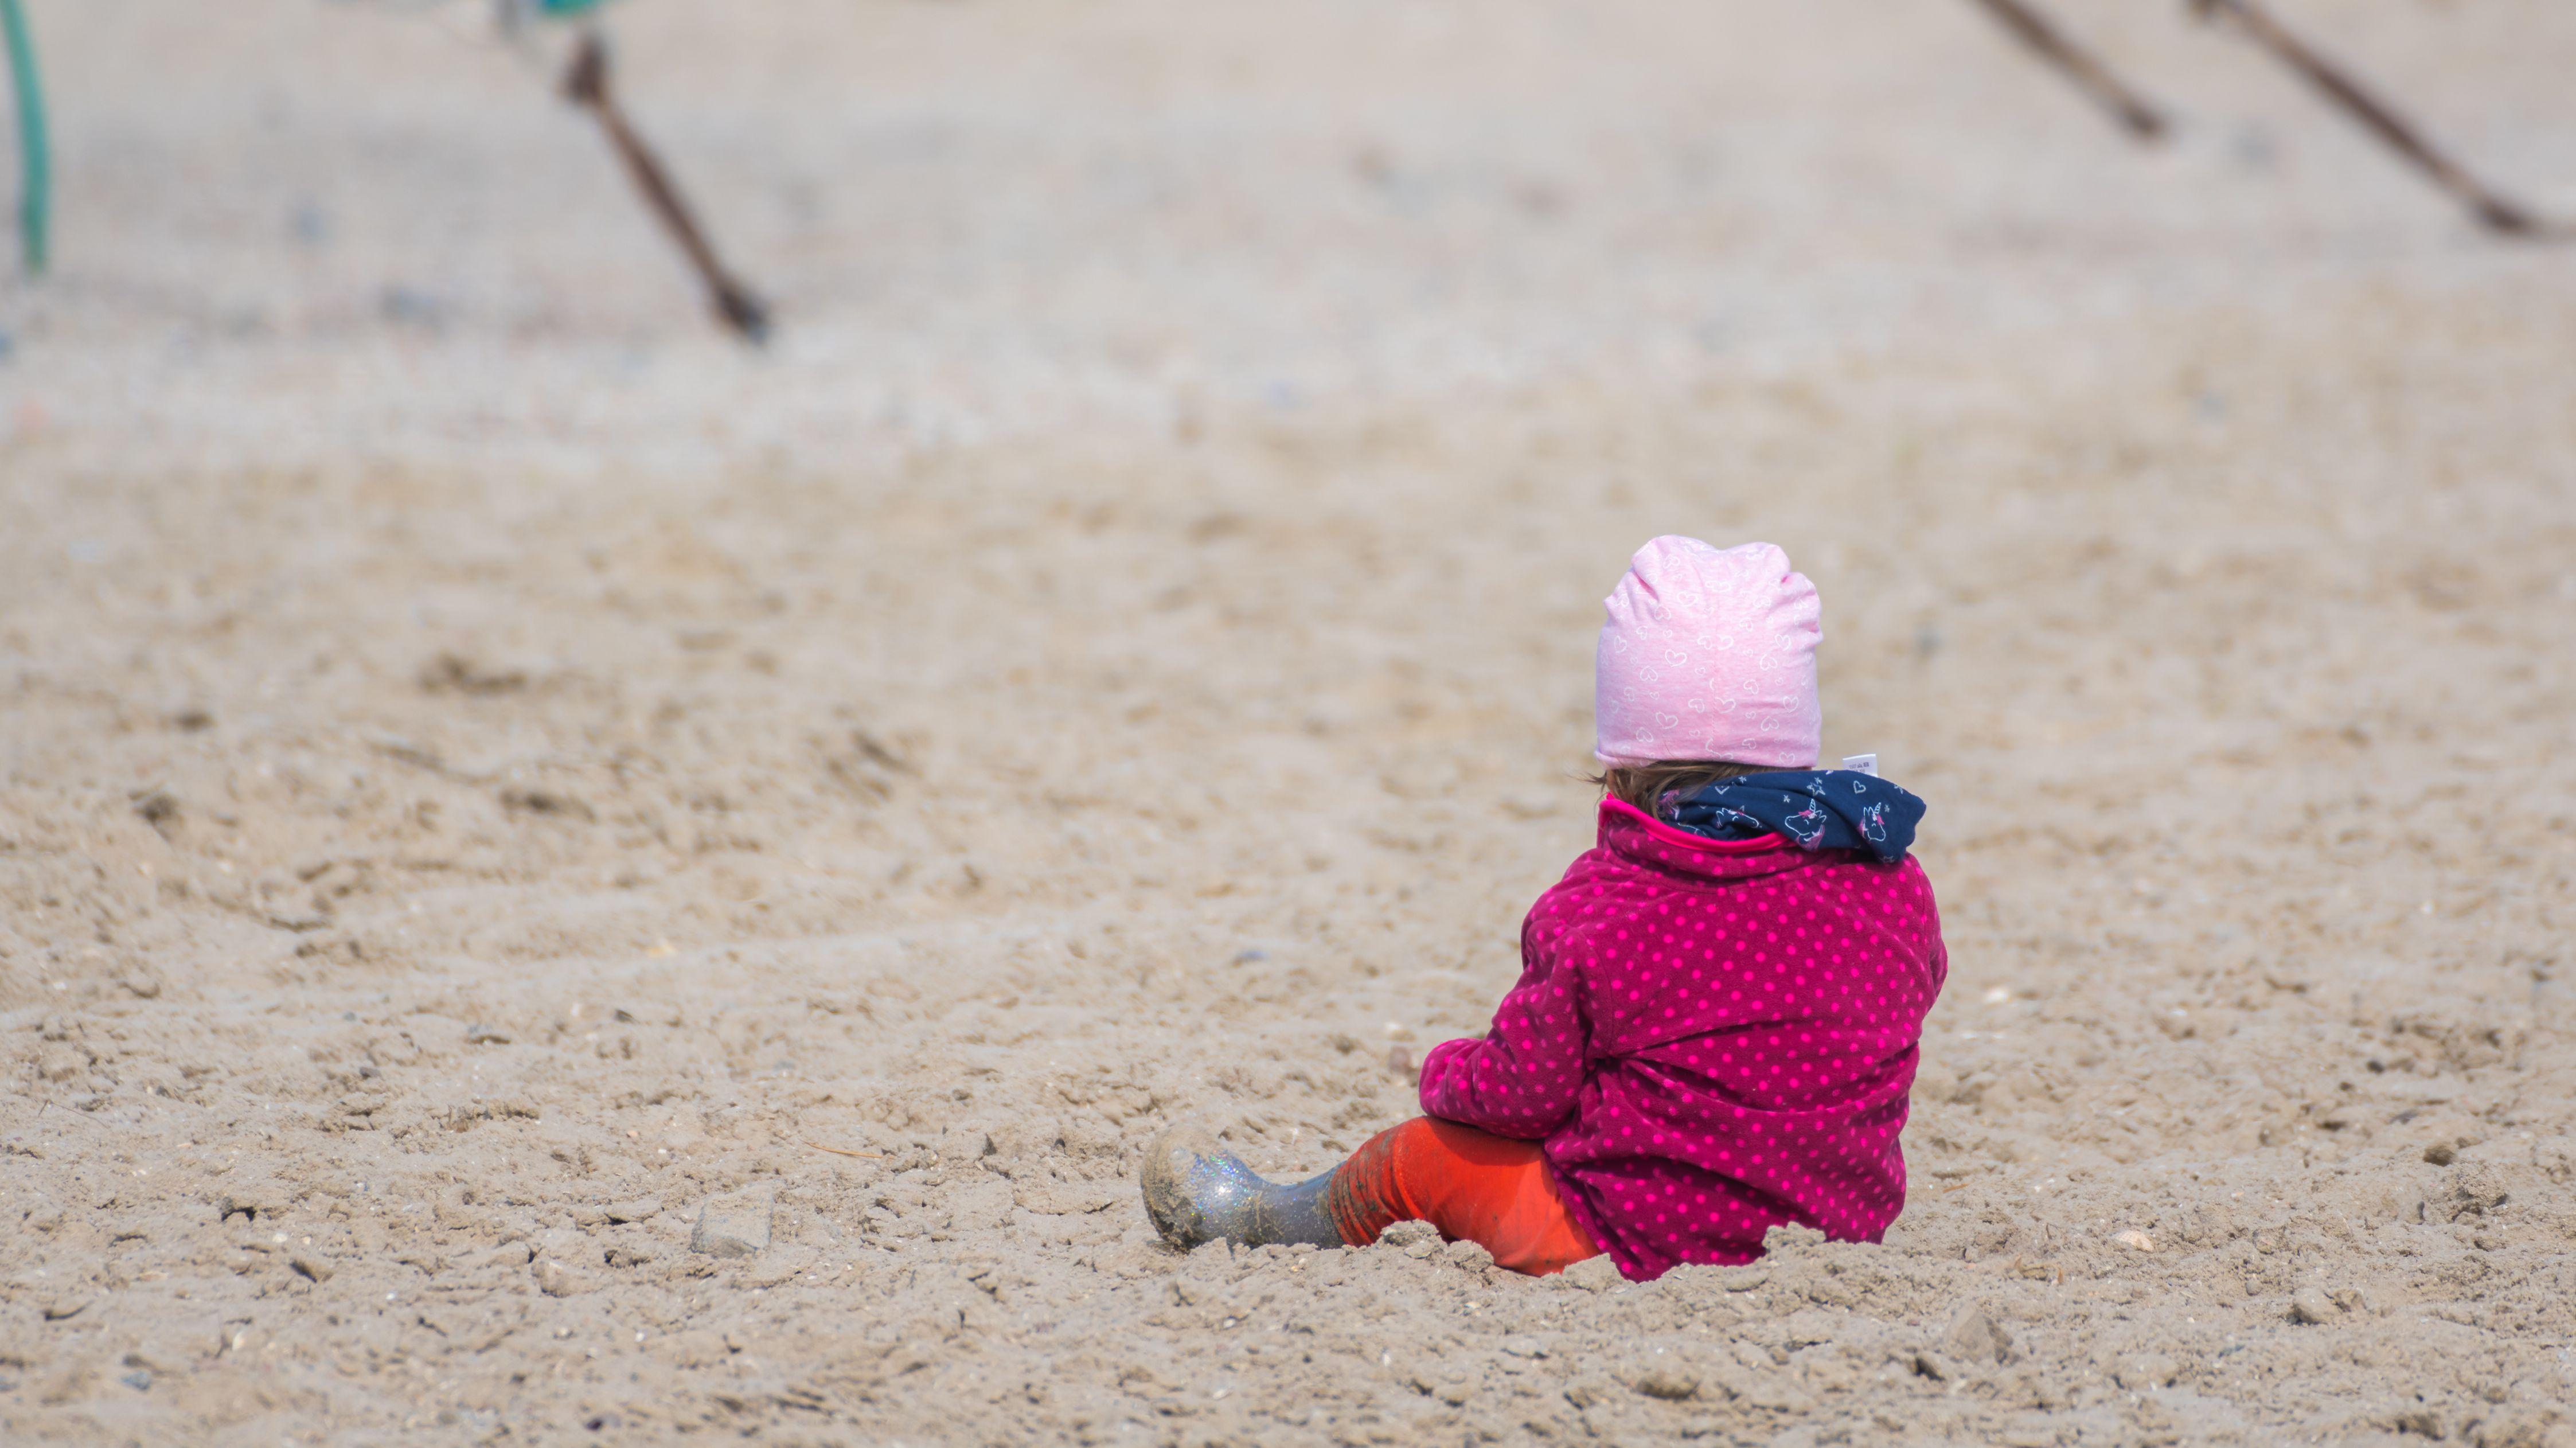 Ein kleines Kind sitzt im Sand